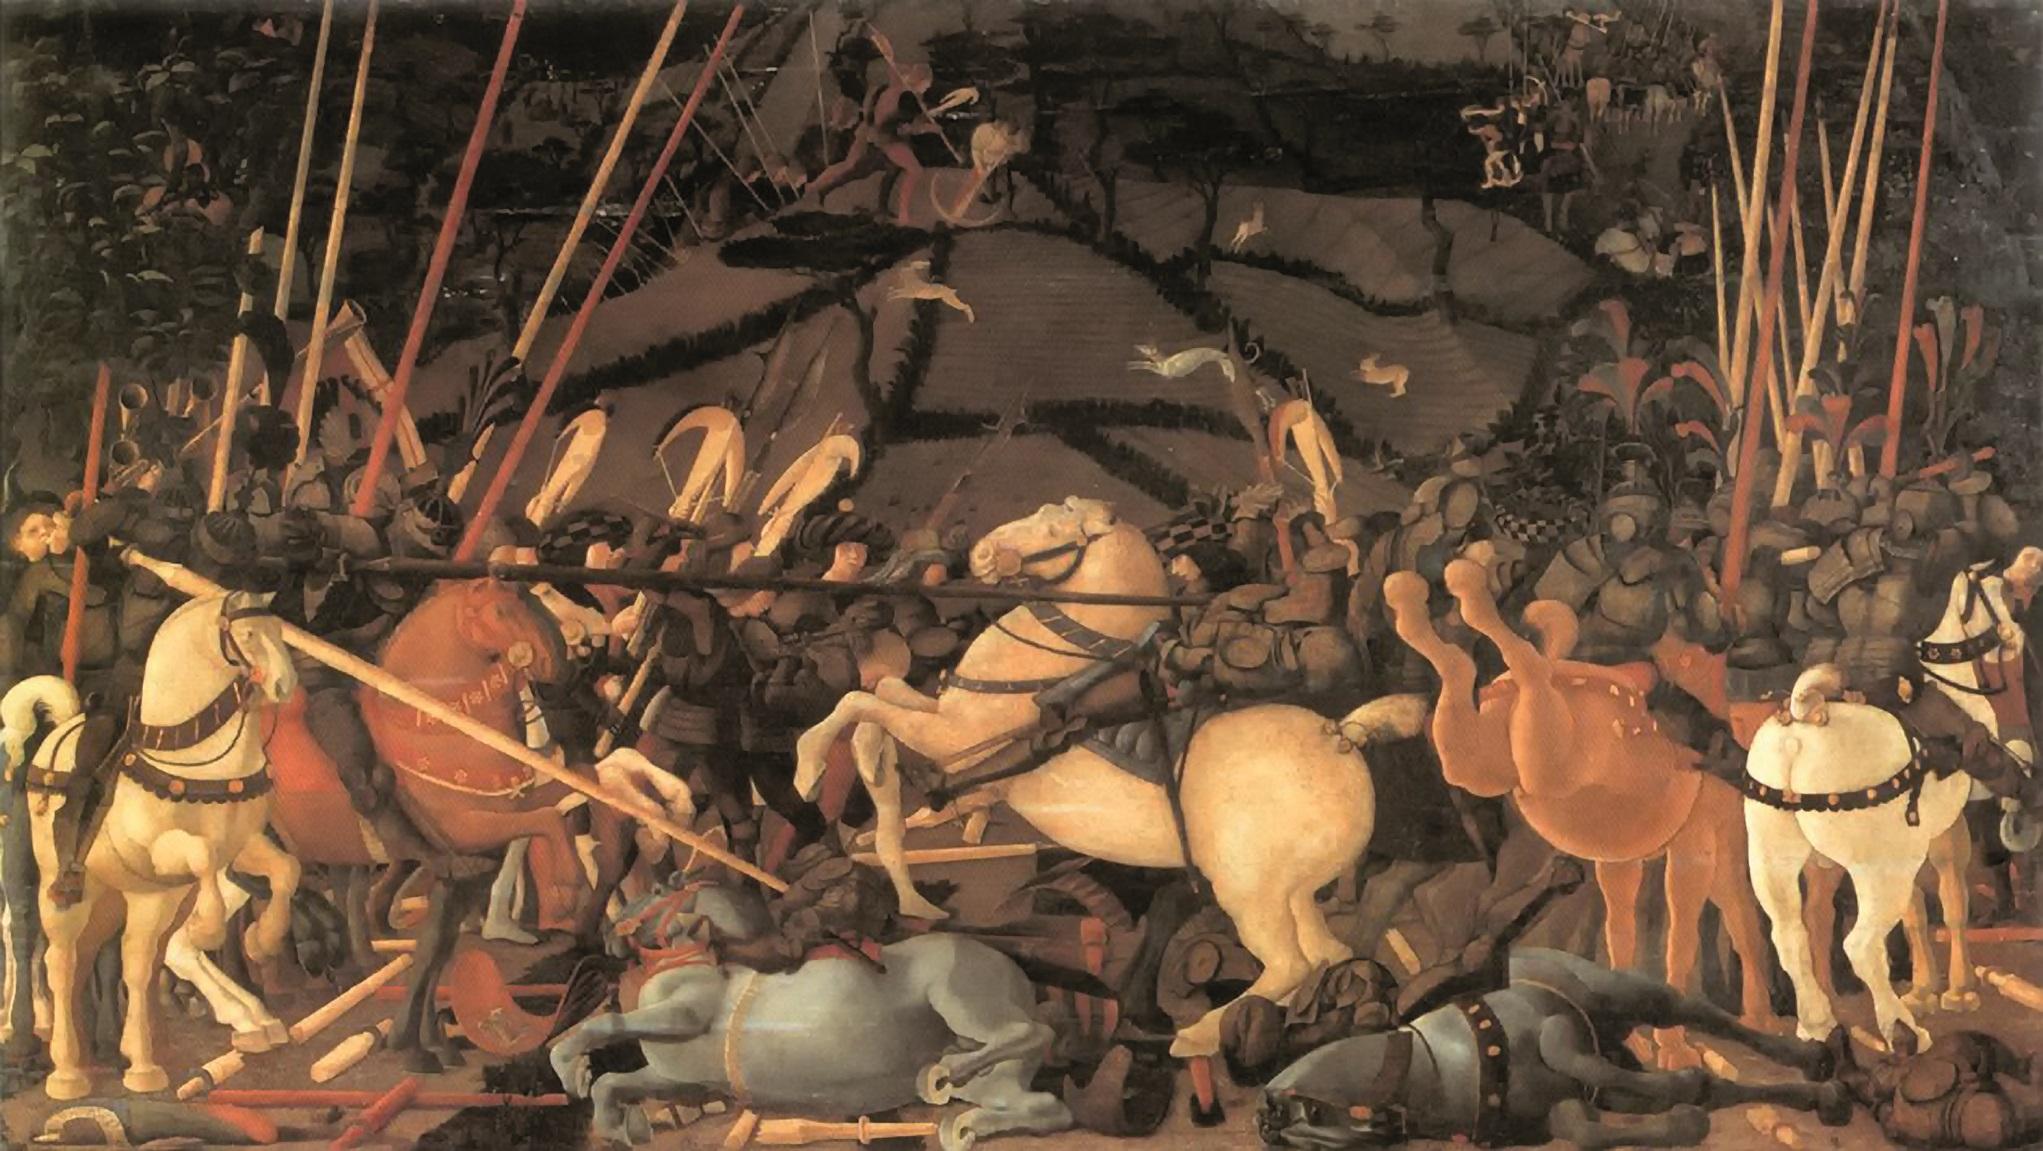 Nel celebre quadro di Paolo Uccello, Disarcionamento di Bernardino della Ciarda, si nota un cavallo sauro che scalcia nella mischia. Paolo Uccello, Battaglia di San Romano, (1438-1440), Firenze, Museo degli Uffizi